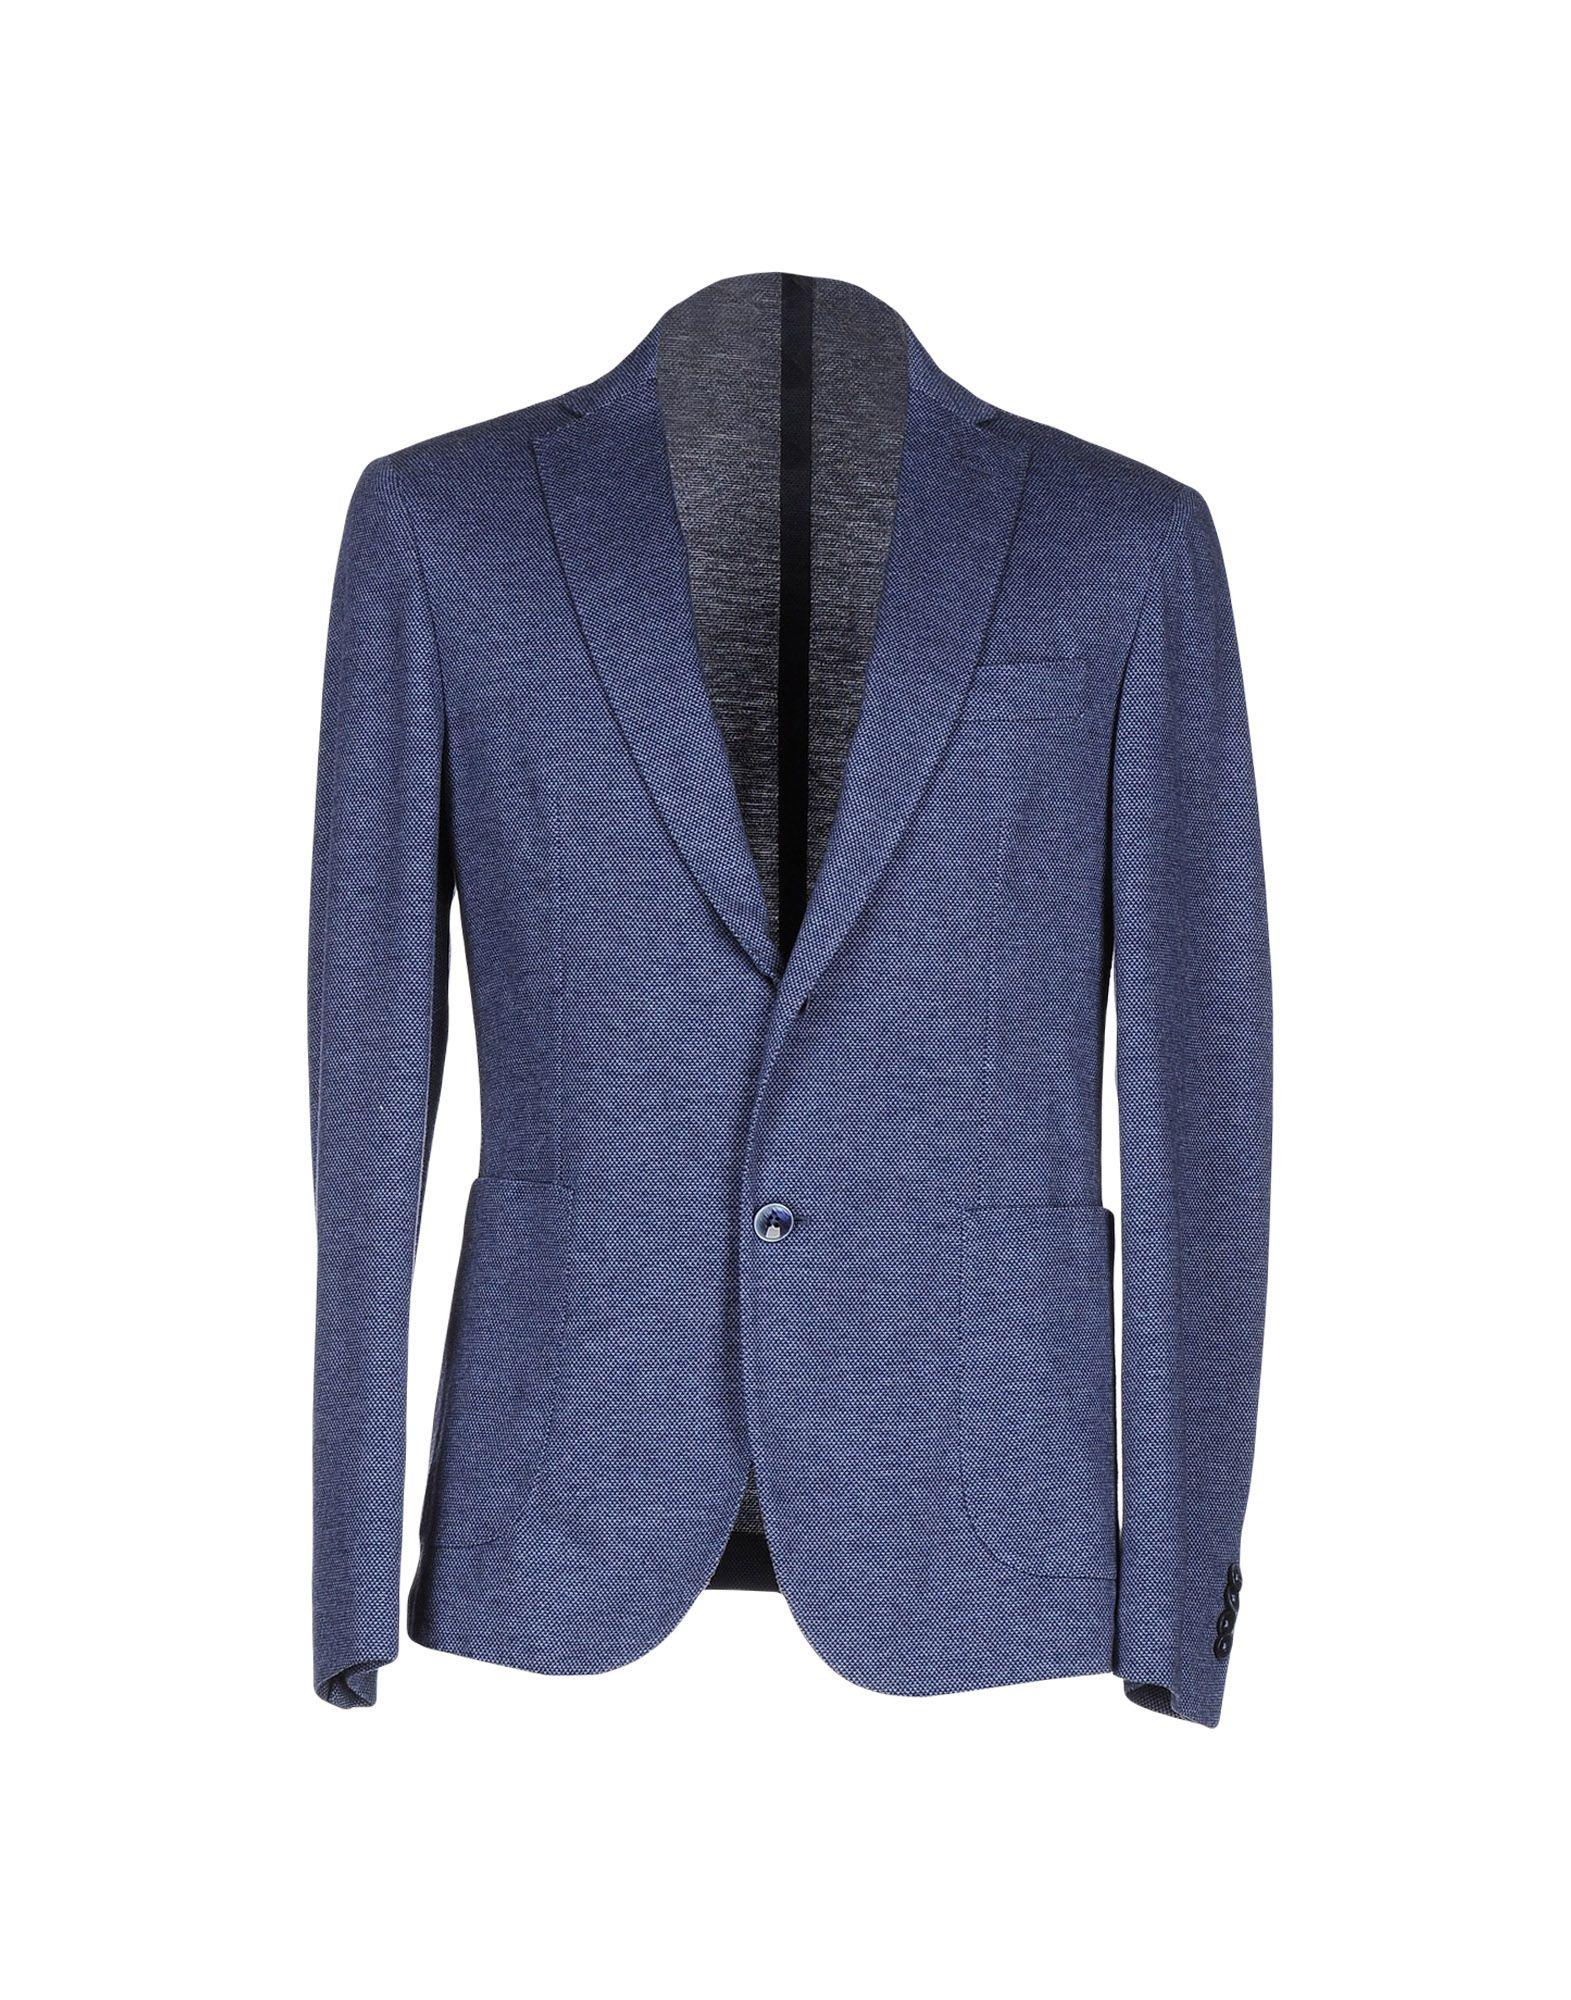 《送料無料》BRANCACCIO C. メンズ テーラードジャケット パステルブルー 48 コットン 100%